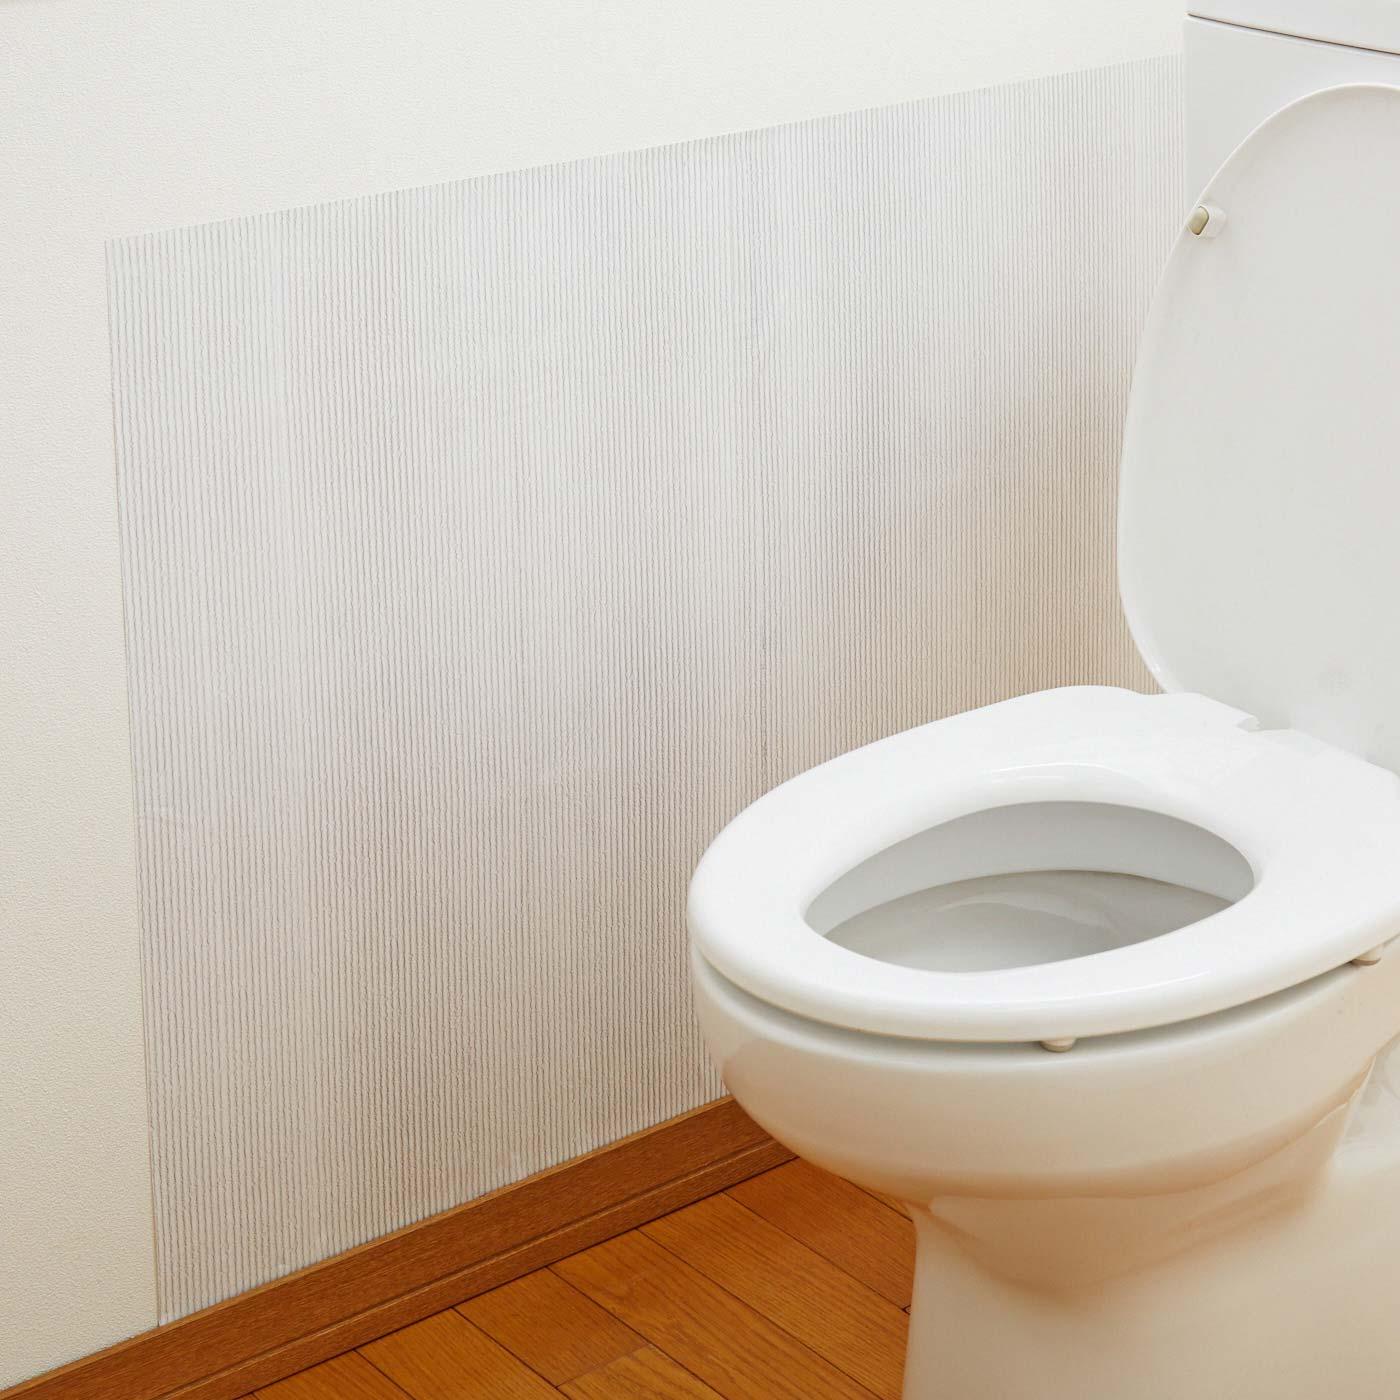 トイレで使用すれば、水滴の飛び散りをガードできます。